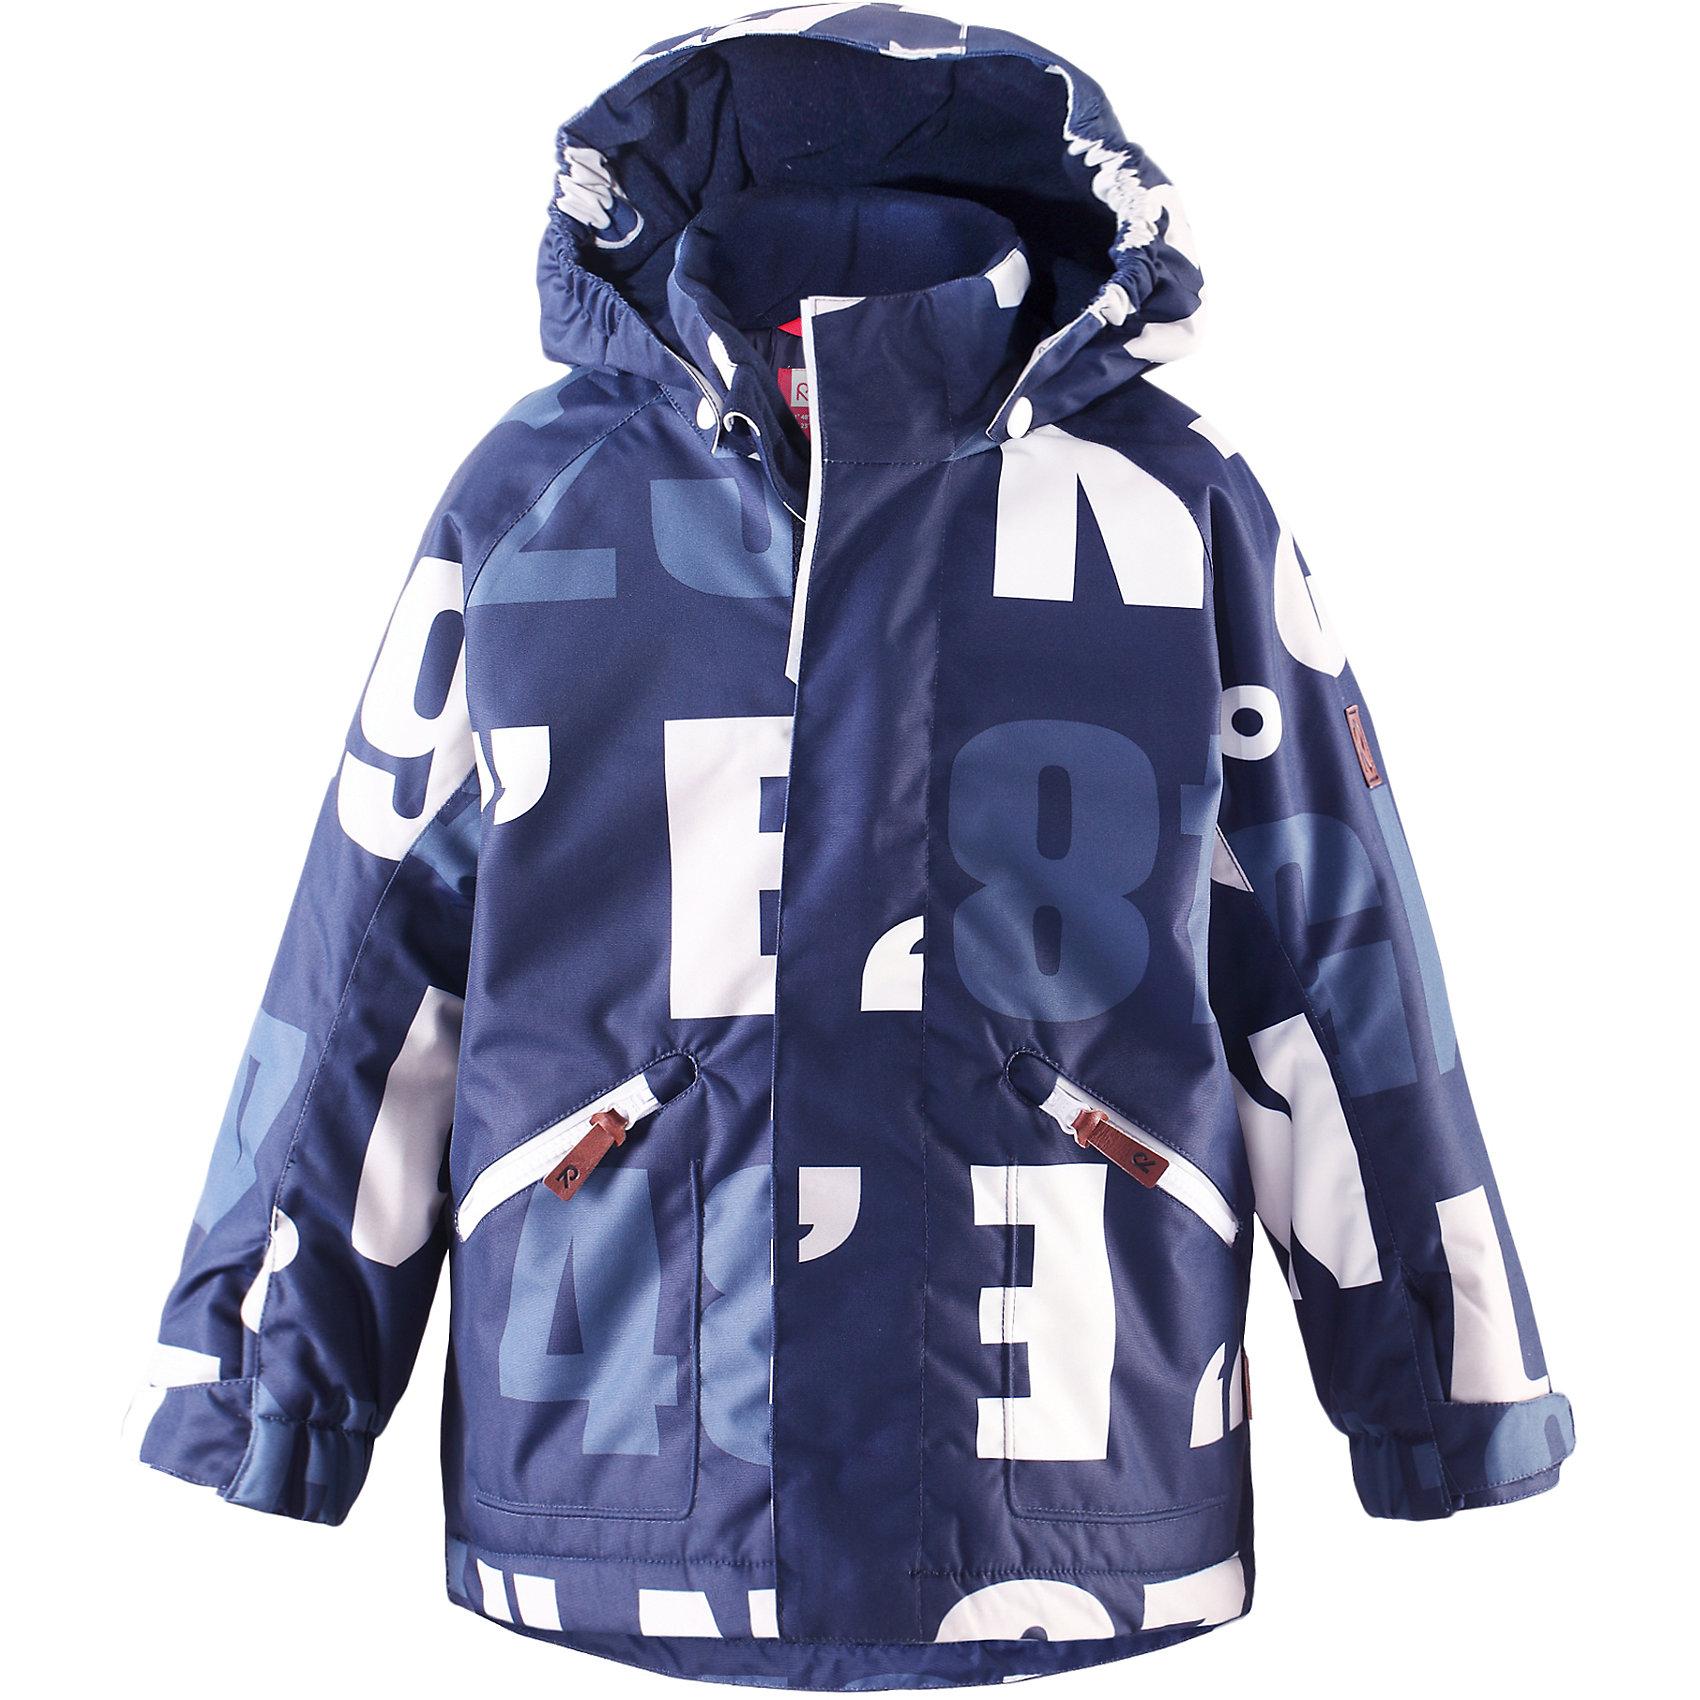 Куртка Nappaa для мальчика ReimaКуртка для мальчика Reima<br>Зимняя куртка для детей. Основные швы проклеены и не пропускают влагу. Водо- и ветронепроницаемый, «дышащий» и грязеотталкивающий материал. Гладкая подкладка из полиэстраБезопасный, съемный капюшон. Регулируемый манжет на липучке. Регулируемый подол. Два кармана на молнии. Безопасные светоотражающие детали.<br>Утеплитель: Reima® Soft Loft insulation,160 g<br>Уход:<br>Стирать по отдельности, вывернув наизнанку. Застегнуть молнии и липучки. Стирать моющим средством, не содержащим отбеливающие вещества. Полоскать без специального средства. Во избежание изменения цвета изделие необходимо вынуть из стиральной машинки незамедлительно после окончания программы стирки. Сушить при низкой температуре.<br>Состав:<br>100% Полиамид, полиуретановое покрытие<br><br>Ширина мм: 356<br>Глубина мм: 10<br>Высота мм: 245<br>Вес г: 519<br>Цвет: синий<br>Возраст от месяцев: 48<br>Возраст до месяцев: 60<br>Пол: Мужской<br>Возраст: Детский<br>Размер: 110,122,128,140,104,116,134<br>SKU: 4777874